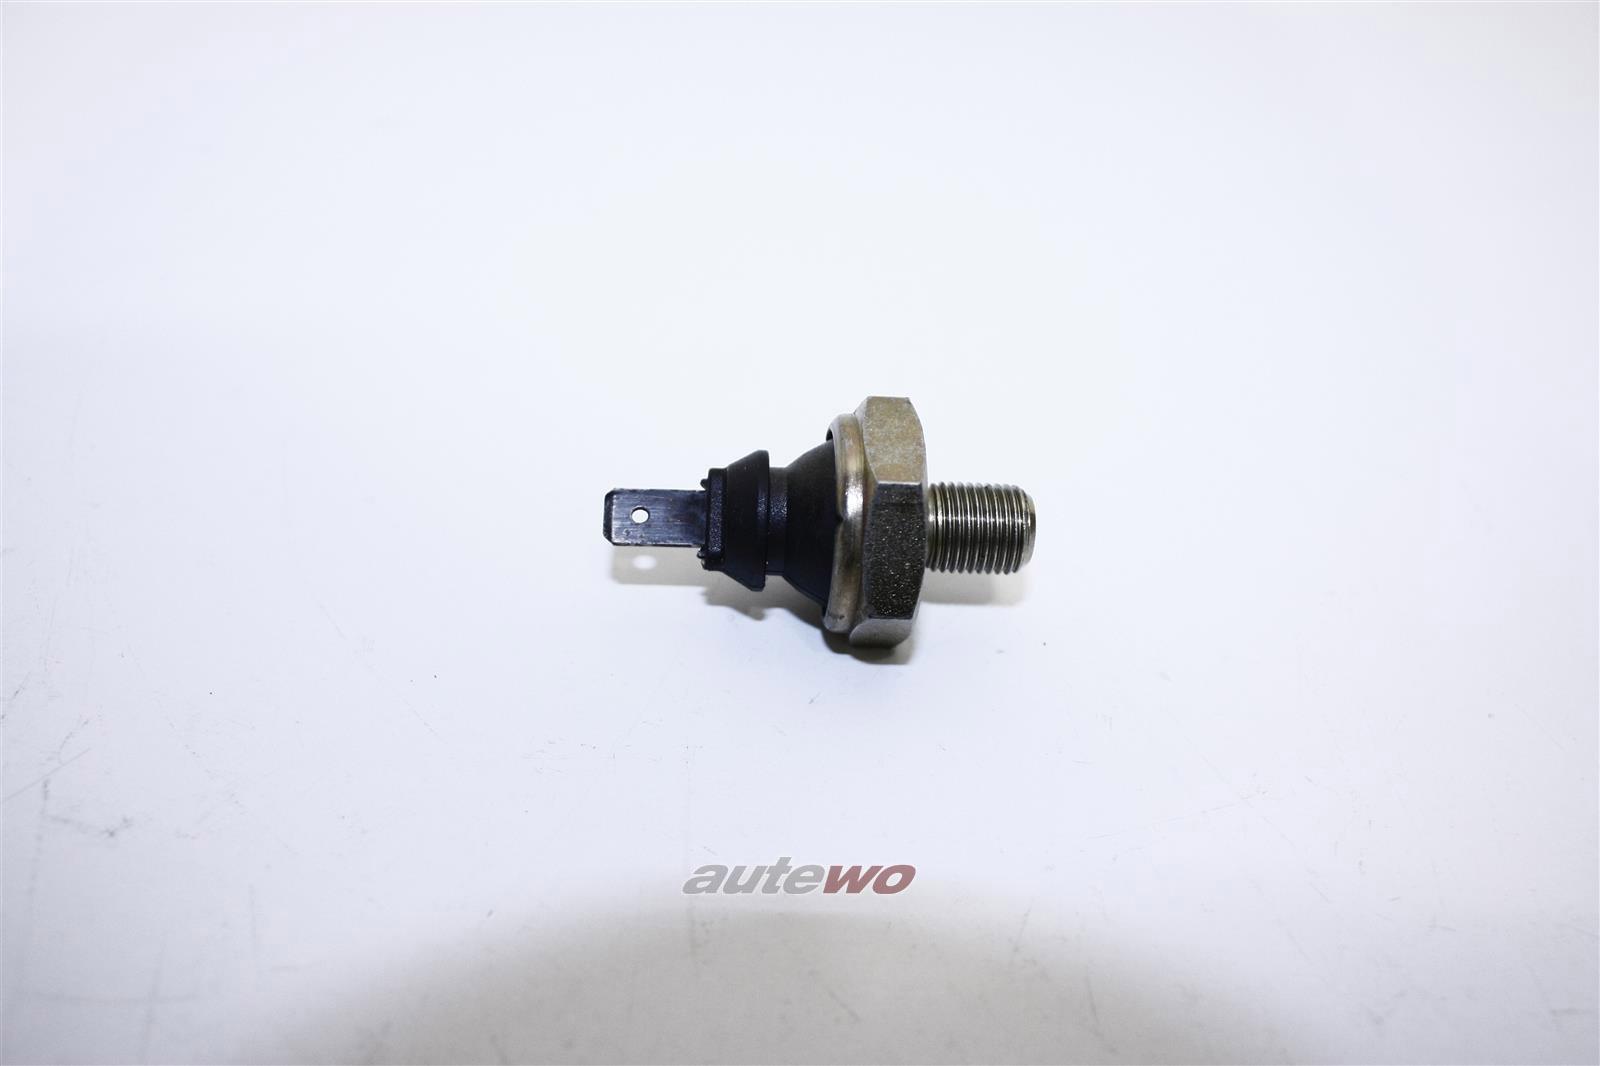 056919081C NEU Audi/VW 80/90 Typ 81/85/100/200 Typ 43/44 Öldruckschalter